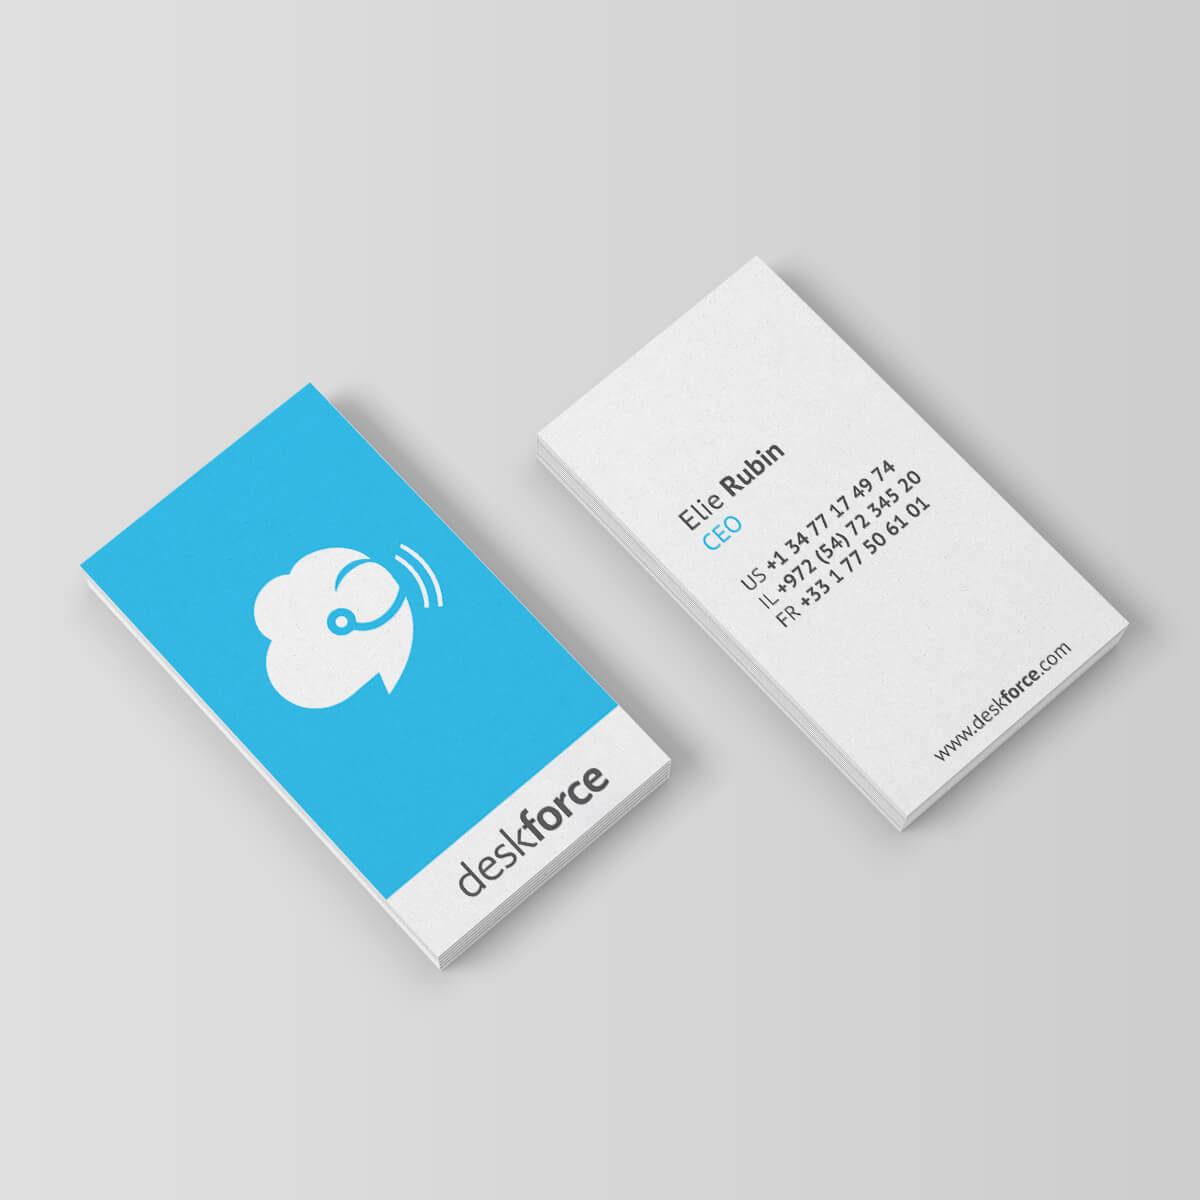 עיצוב כרטיס ביקור deskforce | ליאור דקל ליבה